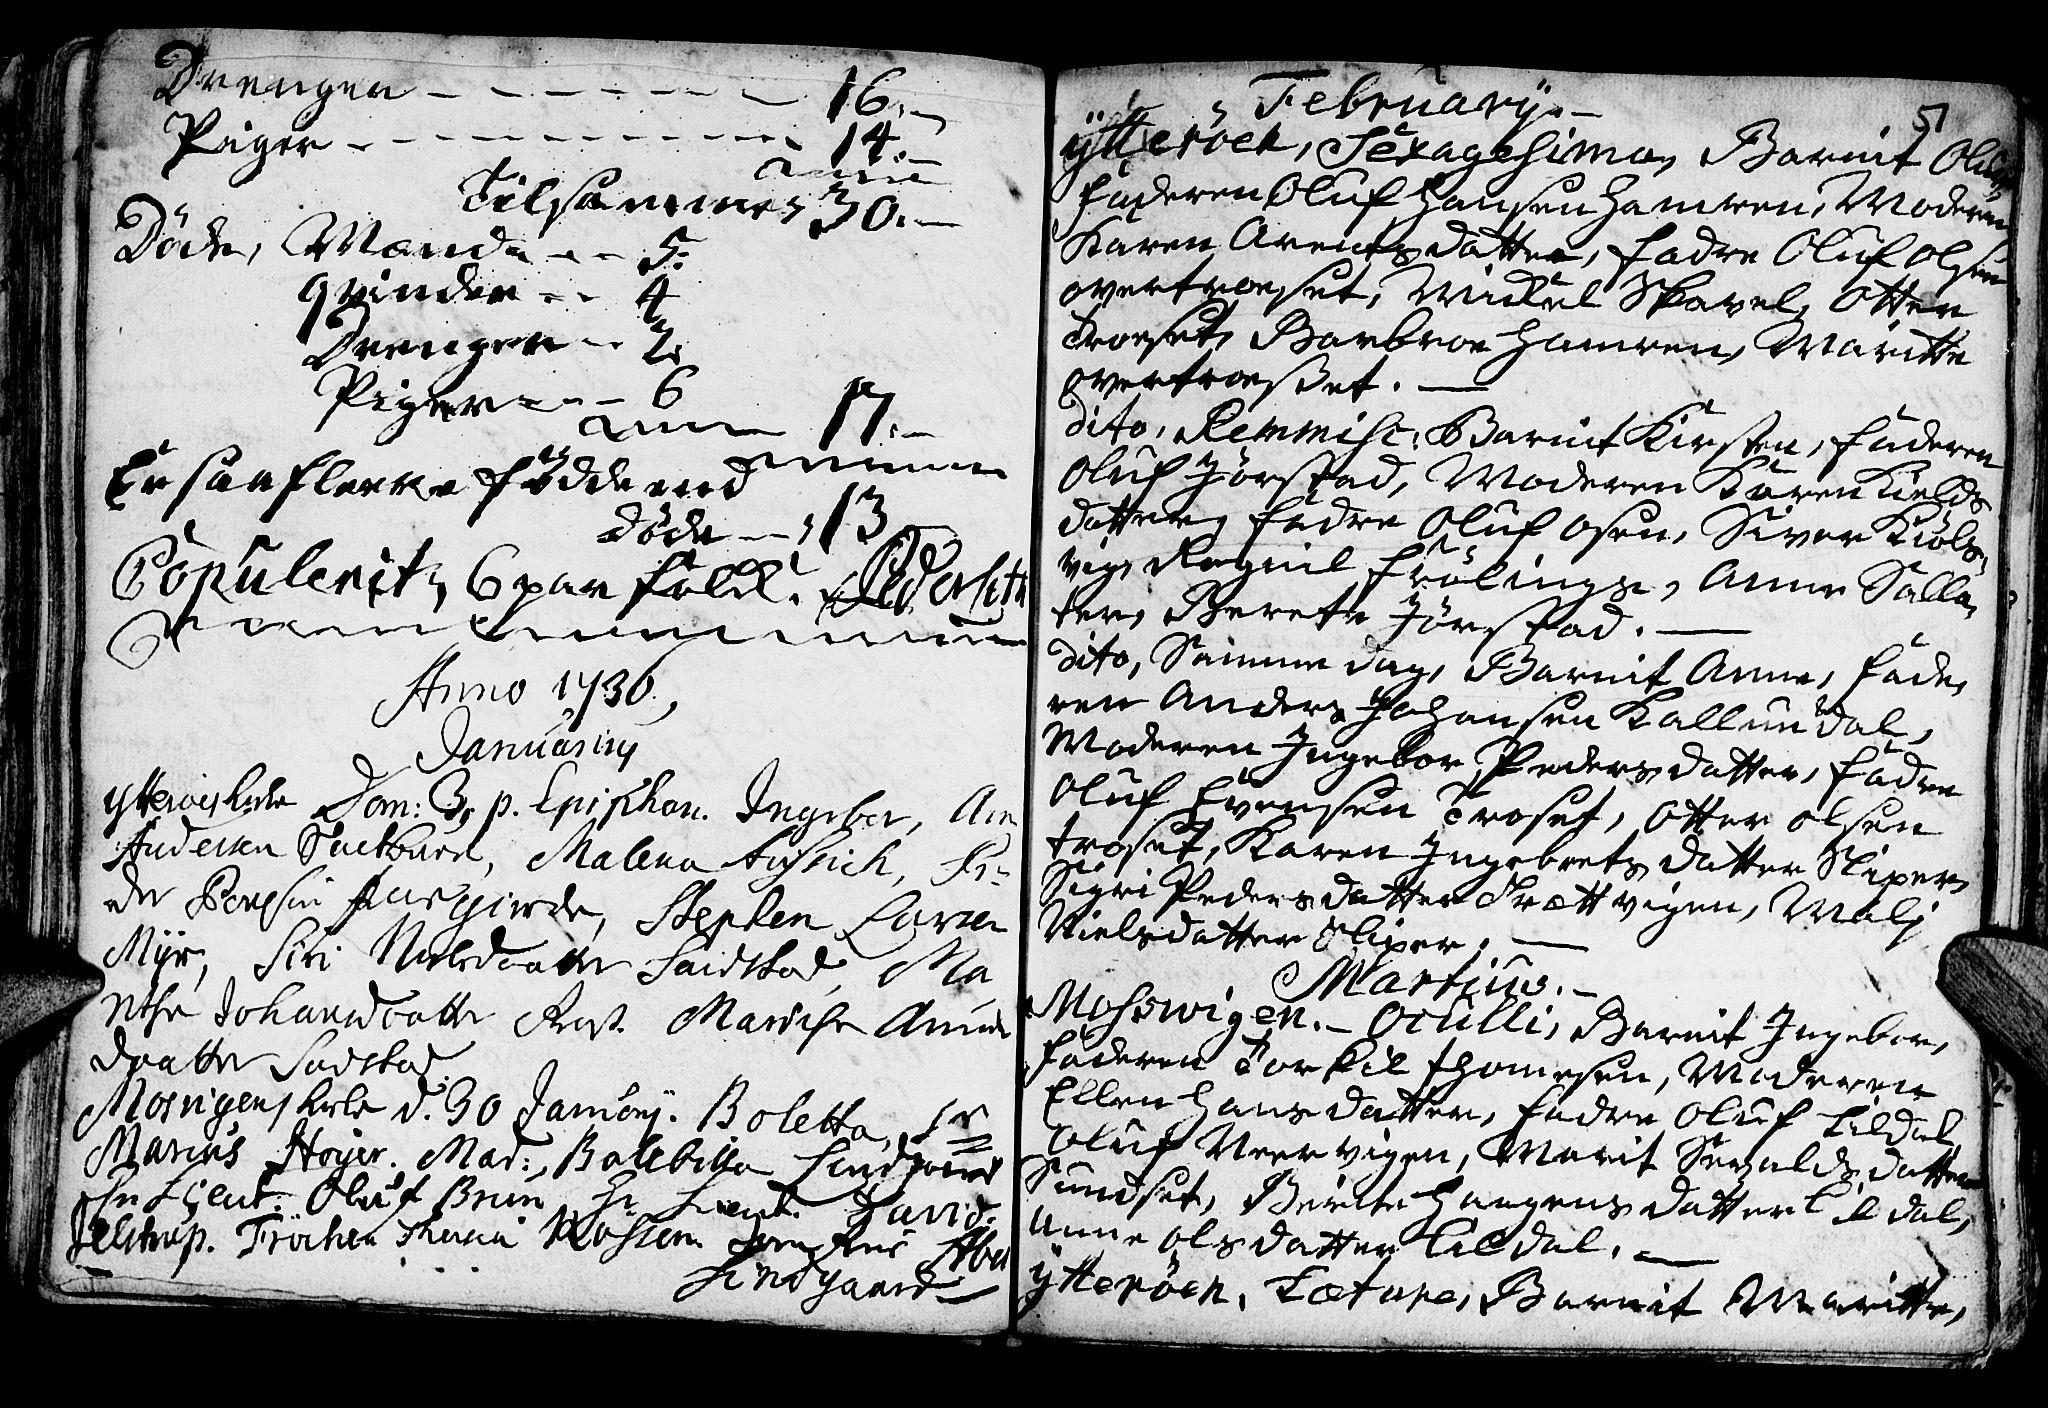 SAT, Ministerialprotokoller, klokkerbøker og fødselsregistre - Nord-Trøndelag, 722/L0215: Ministerialbok nr. 722A02, 1718-1755, s. 51